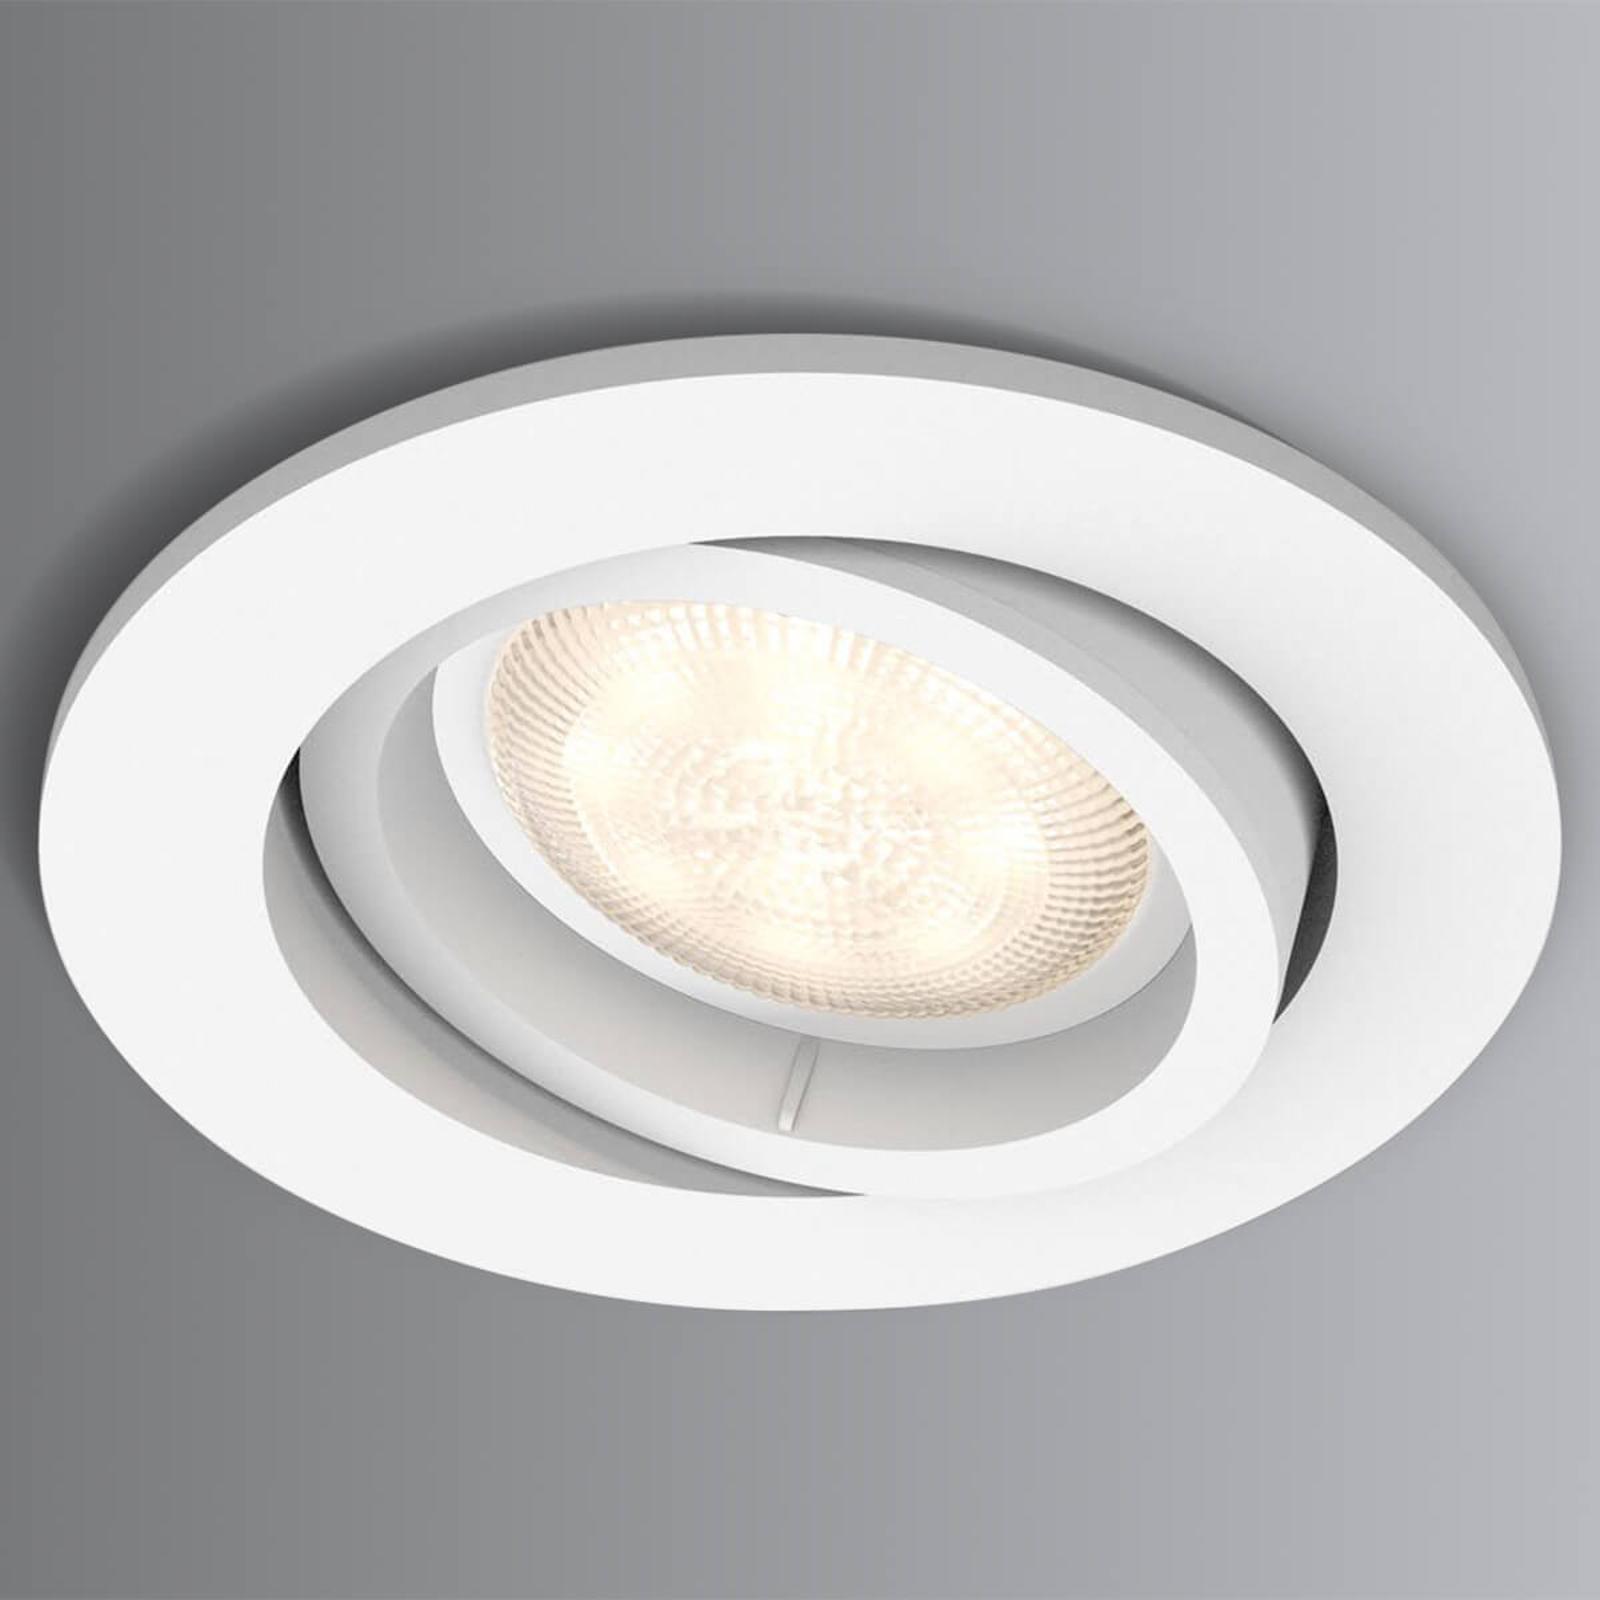 LED inbouwspot Shellbark met Warmglow effect, wit